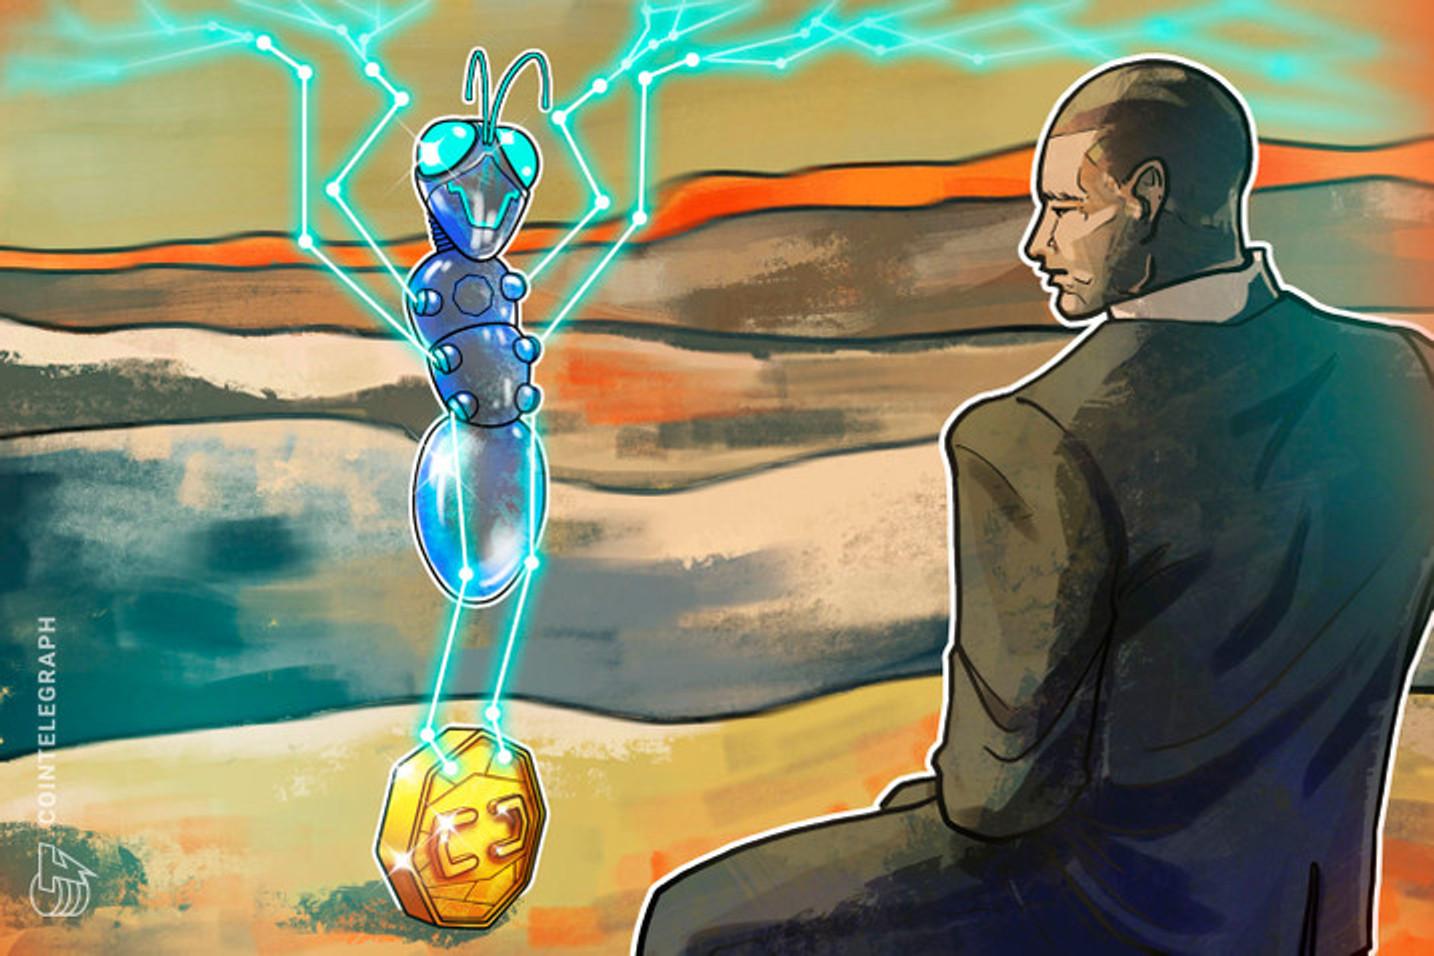 Se você procura um ativo com liquidez, Bitcoin é a solução diz fundador da BitcoinTrade